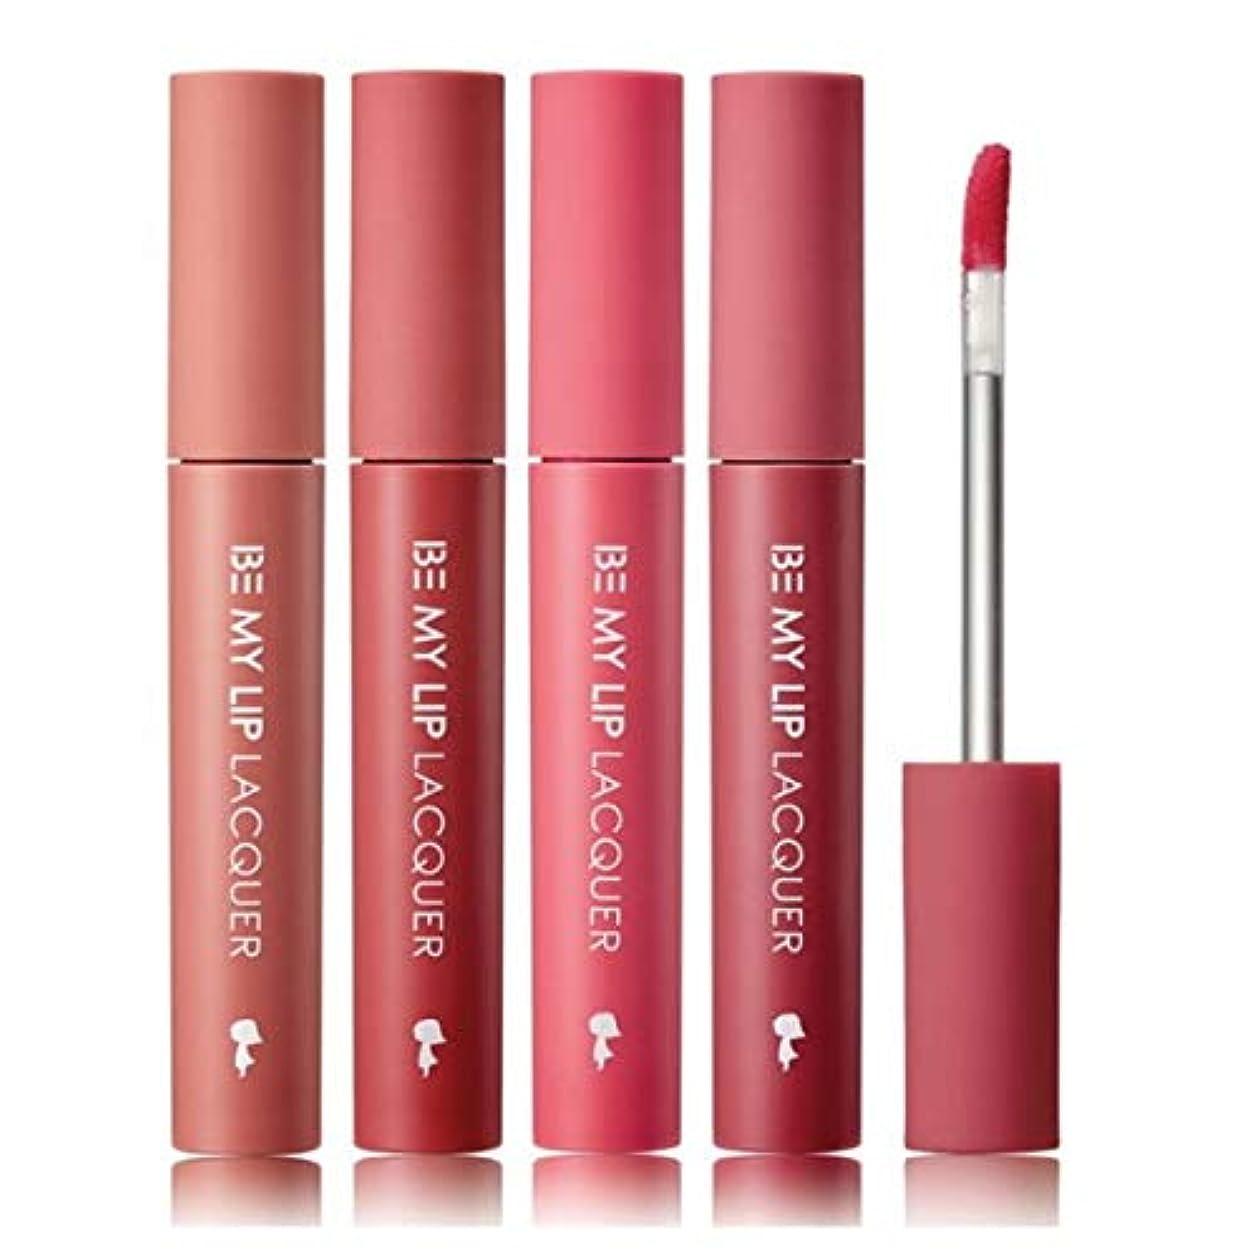 ハイランド過激派特にYADAH Be My Lip Lacquer #03 Coral Pink 4g ビー?マイ?リップ?ラッカー - 4g #03コーラルピンク[並行輸入品]